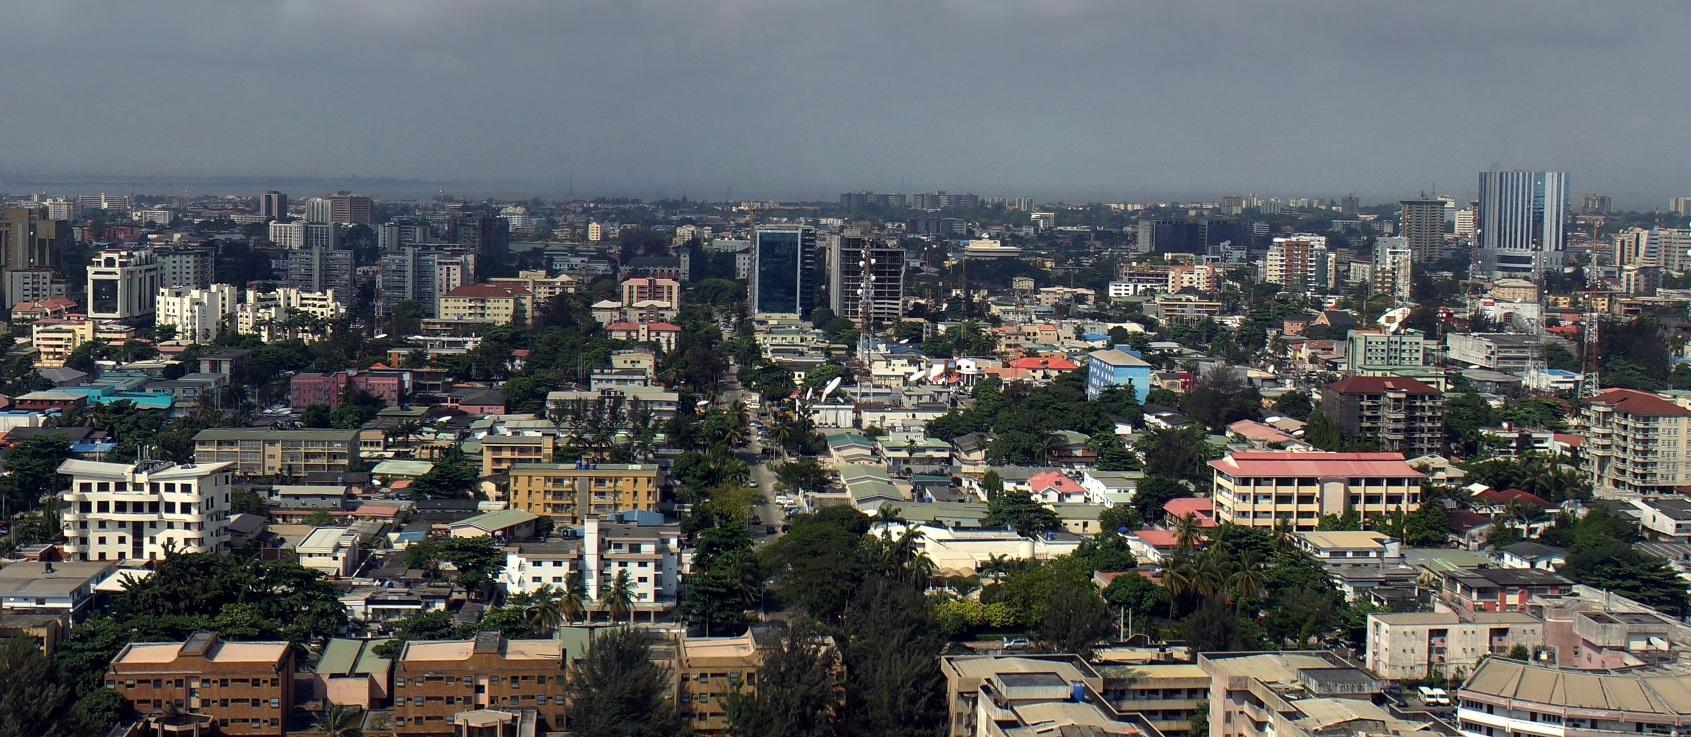 Lagos Nigeria  city pictures gallery : lagos nigeria